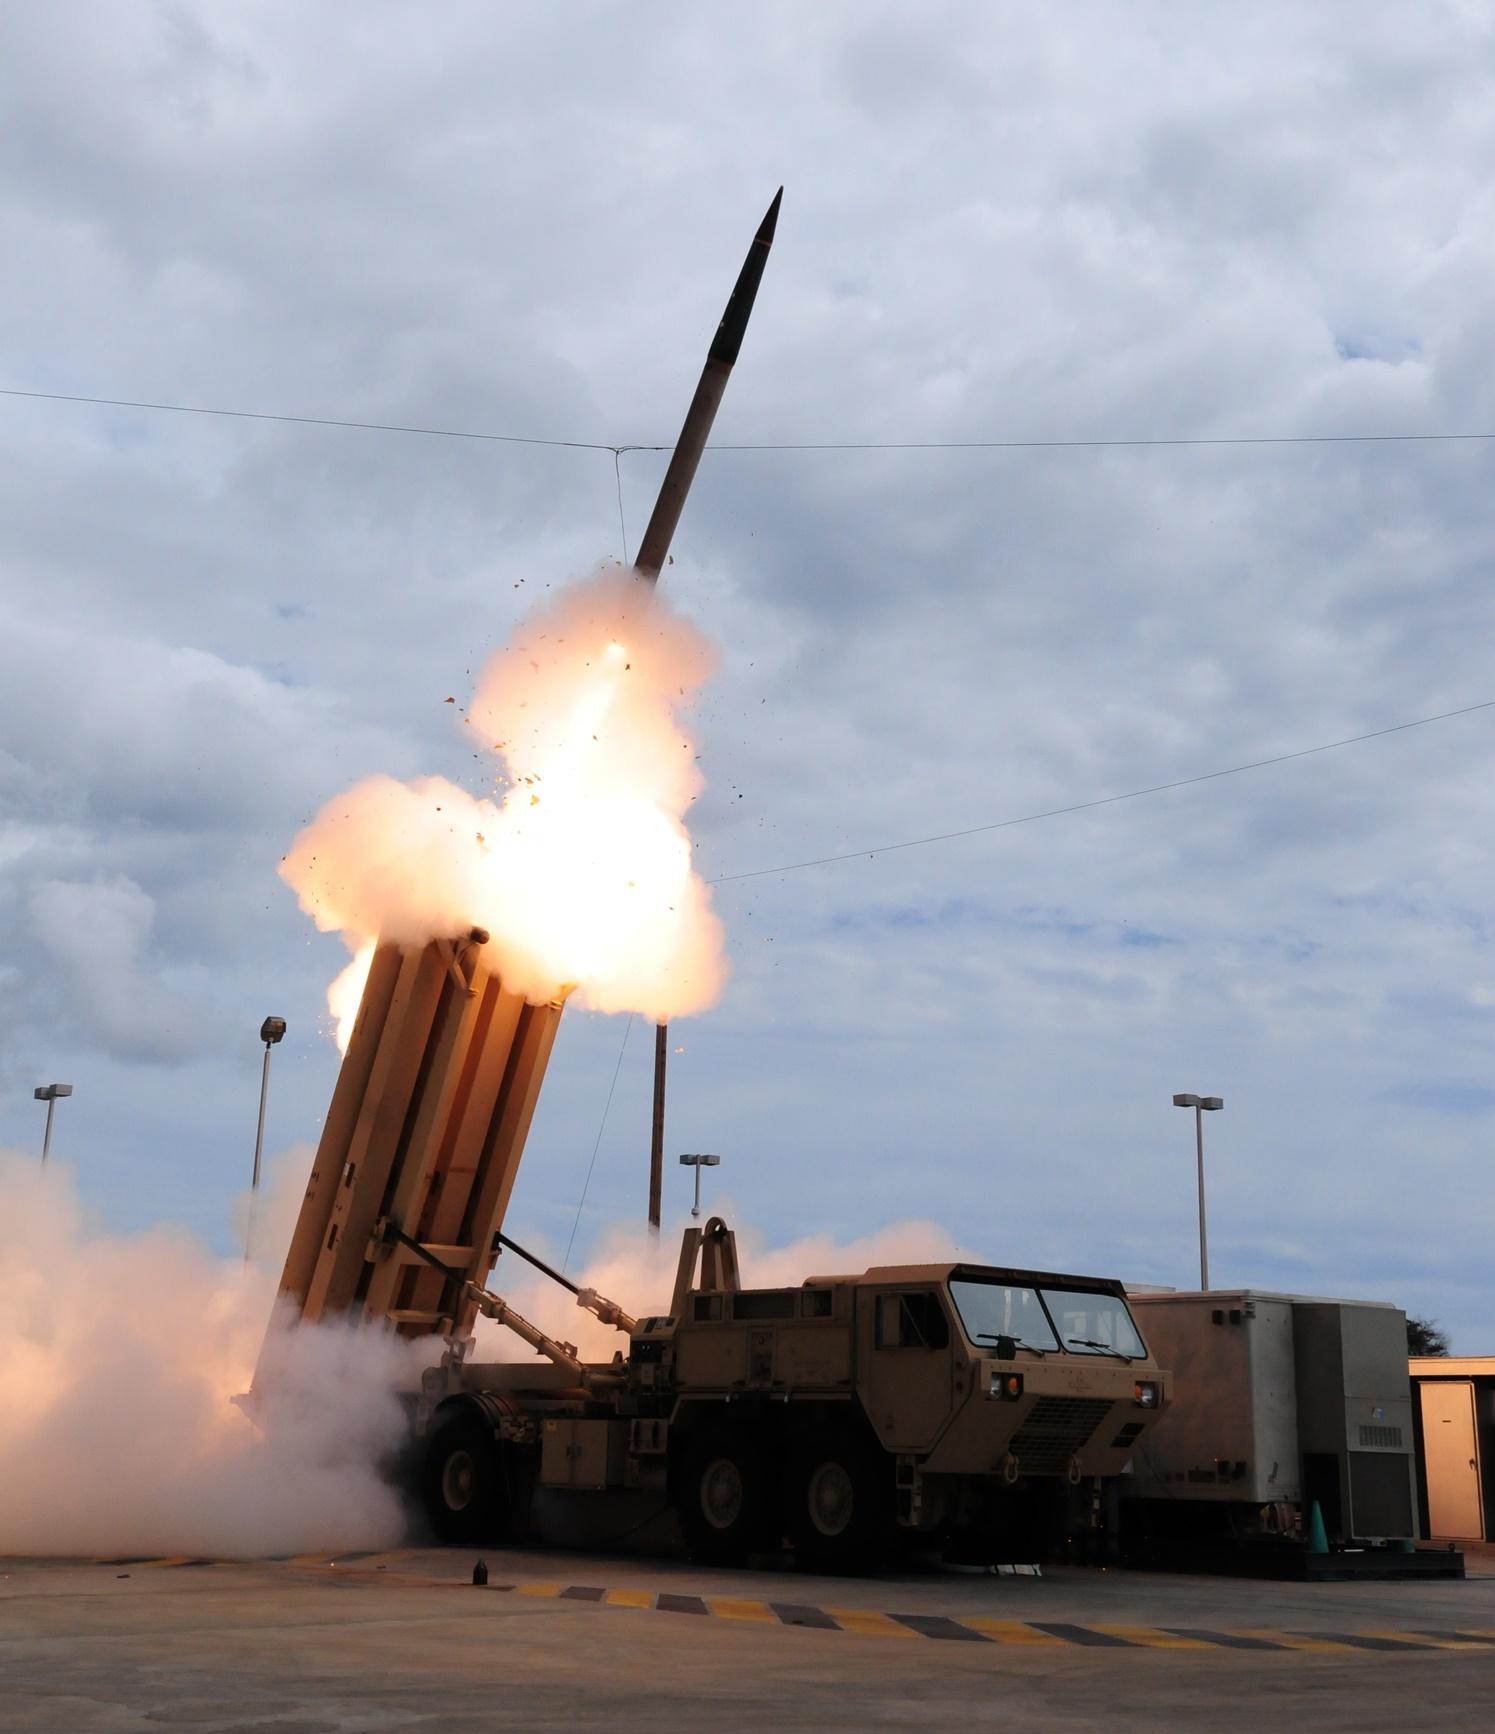 Việc triển khai hệ thống tên lửa THAAD tại Hàn Quốc đã bị tạm hoãn